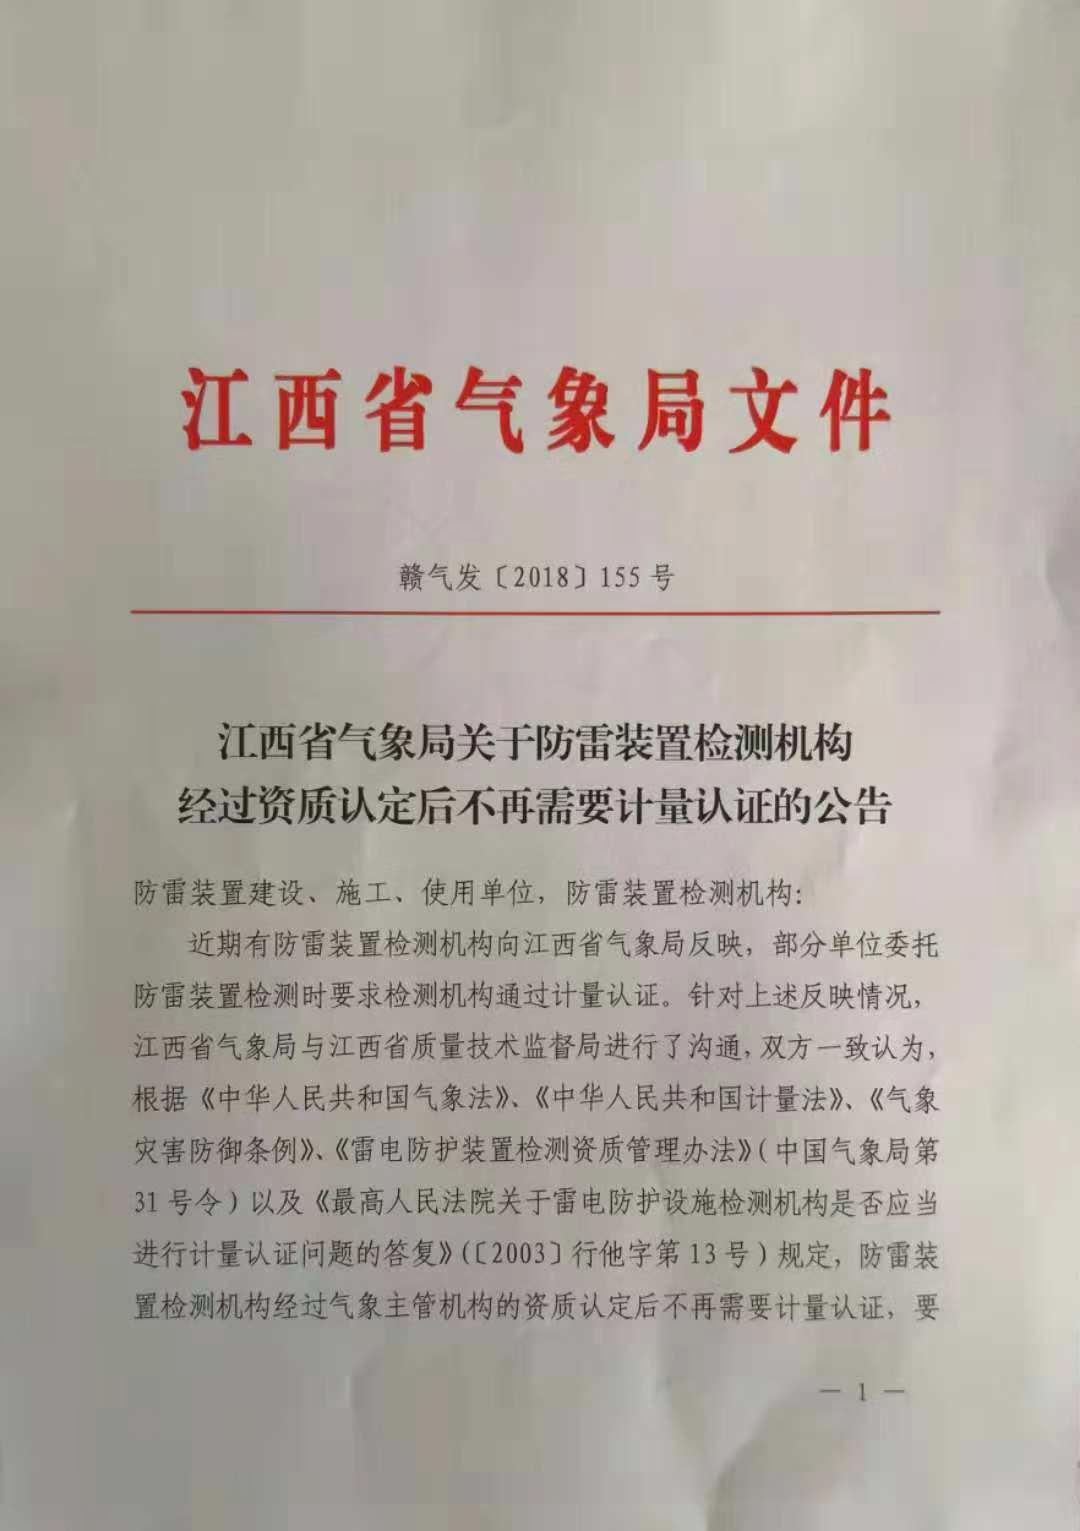 江西省气象局关于防雷装置检测机构经过资质认定后不再需要计量认证的公告